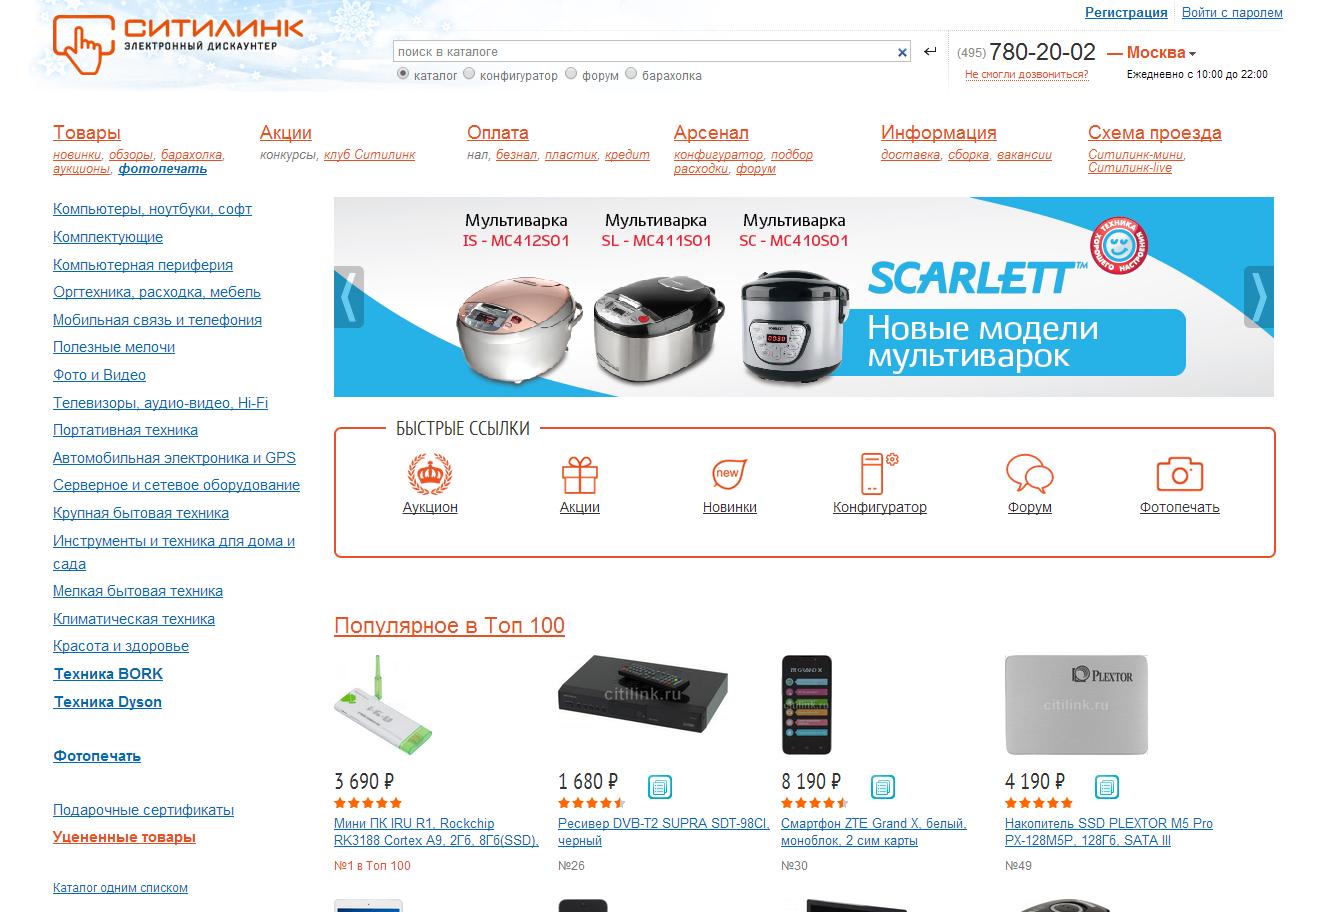 Ситилинк Интернет Магазин Тольятти Каталог Бытовой Техники